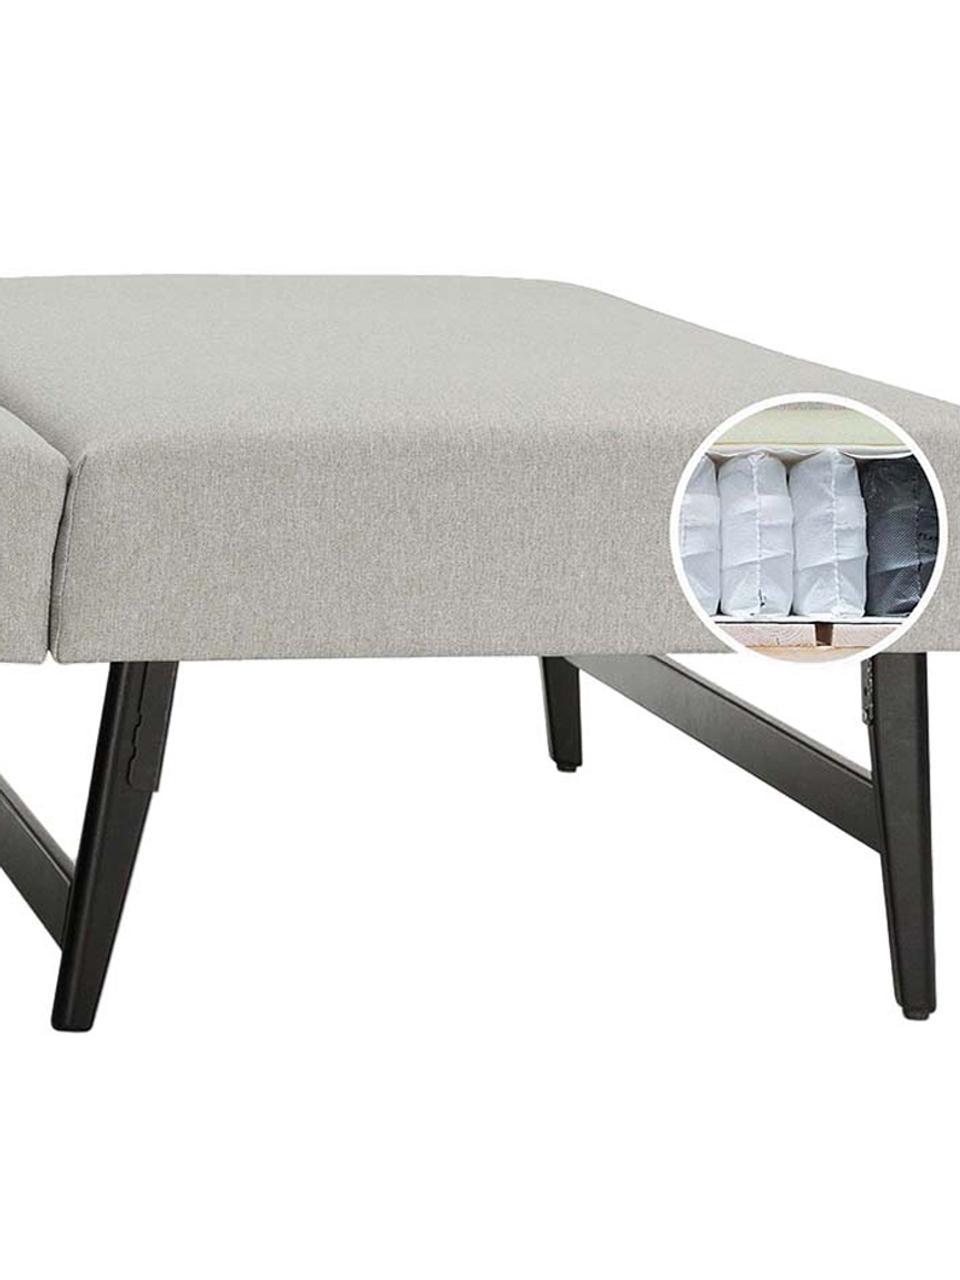 Schlafsofa Bruno (2-Sitzer) in Hellgrau, ausklappbar, Bezug: Pflegeleichtes robustes P, Rahmen: Massivholz, Webstoff Hellgrau, B 180 x T 84 cm